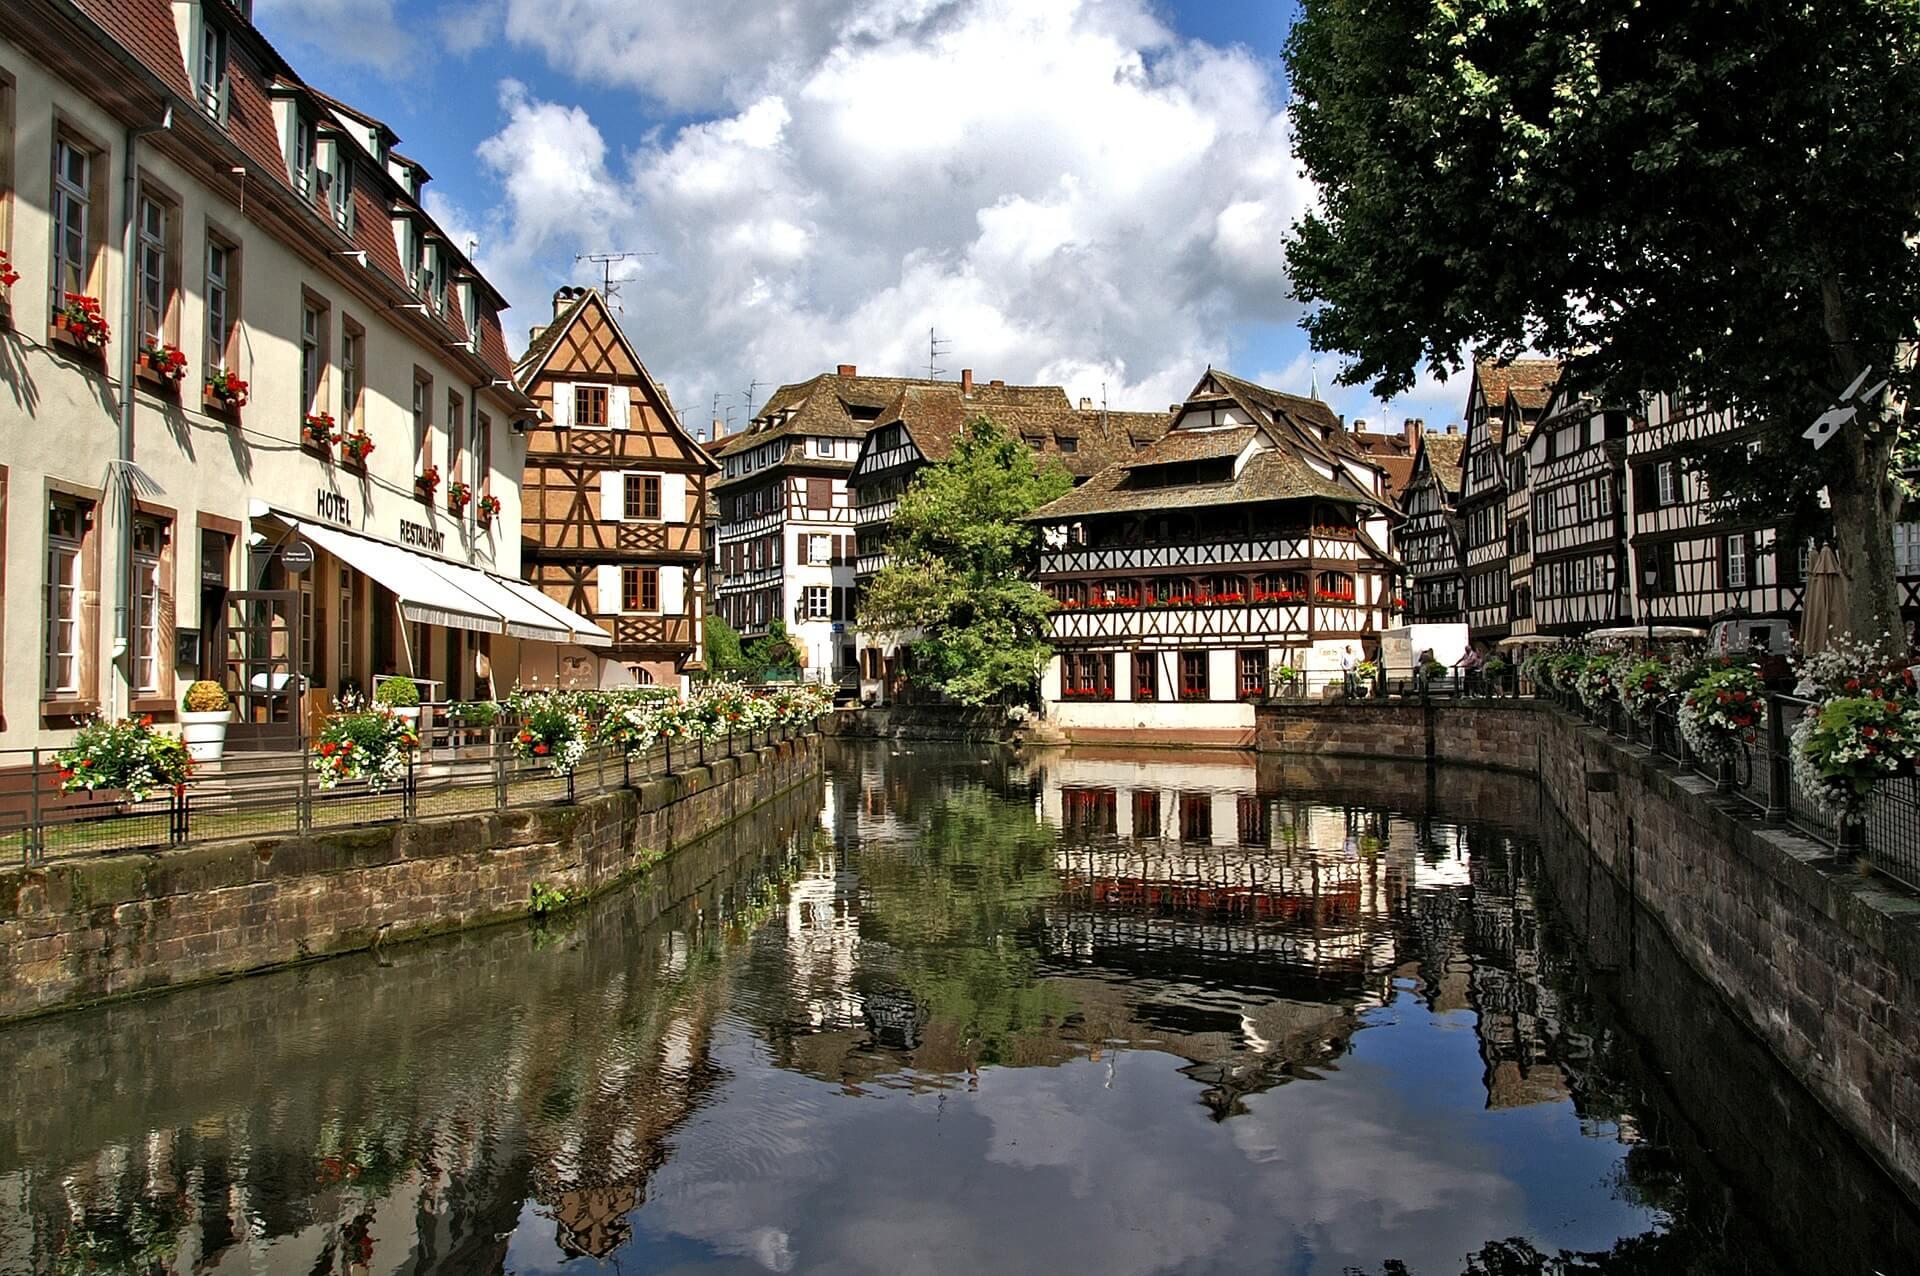 Rental Car in Strasbourg 1